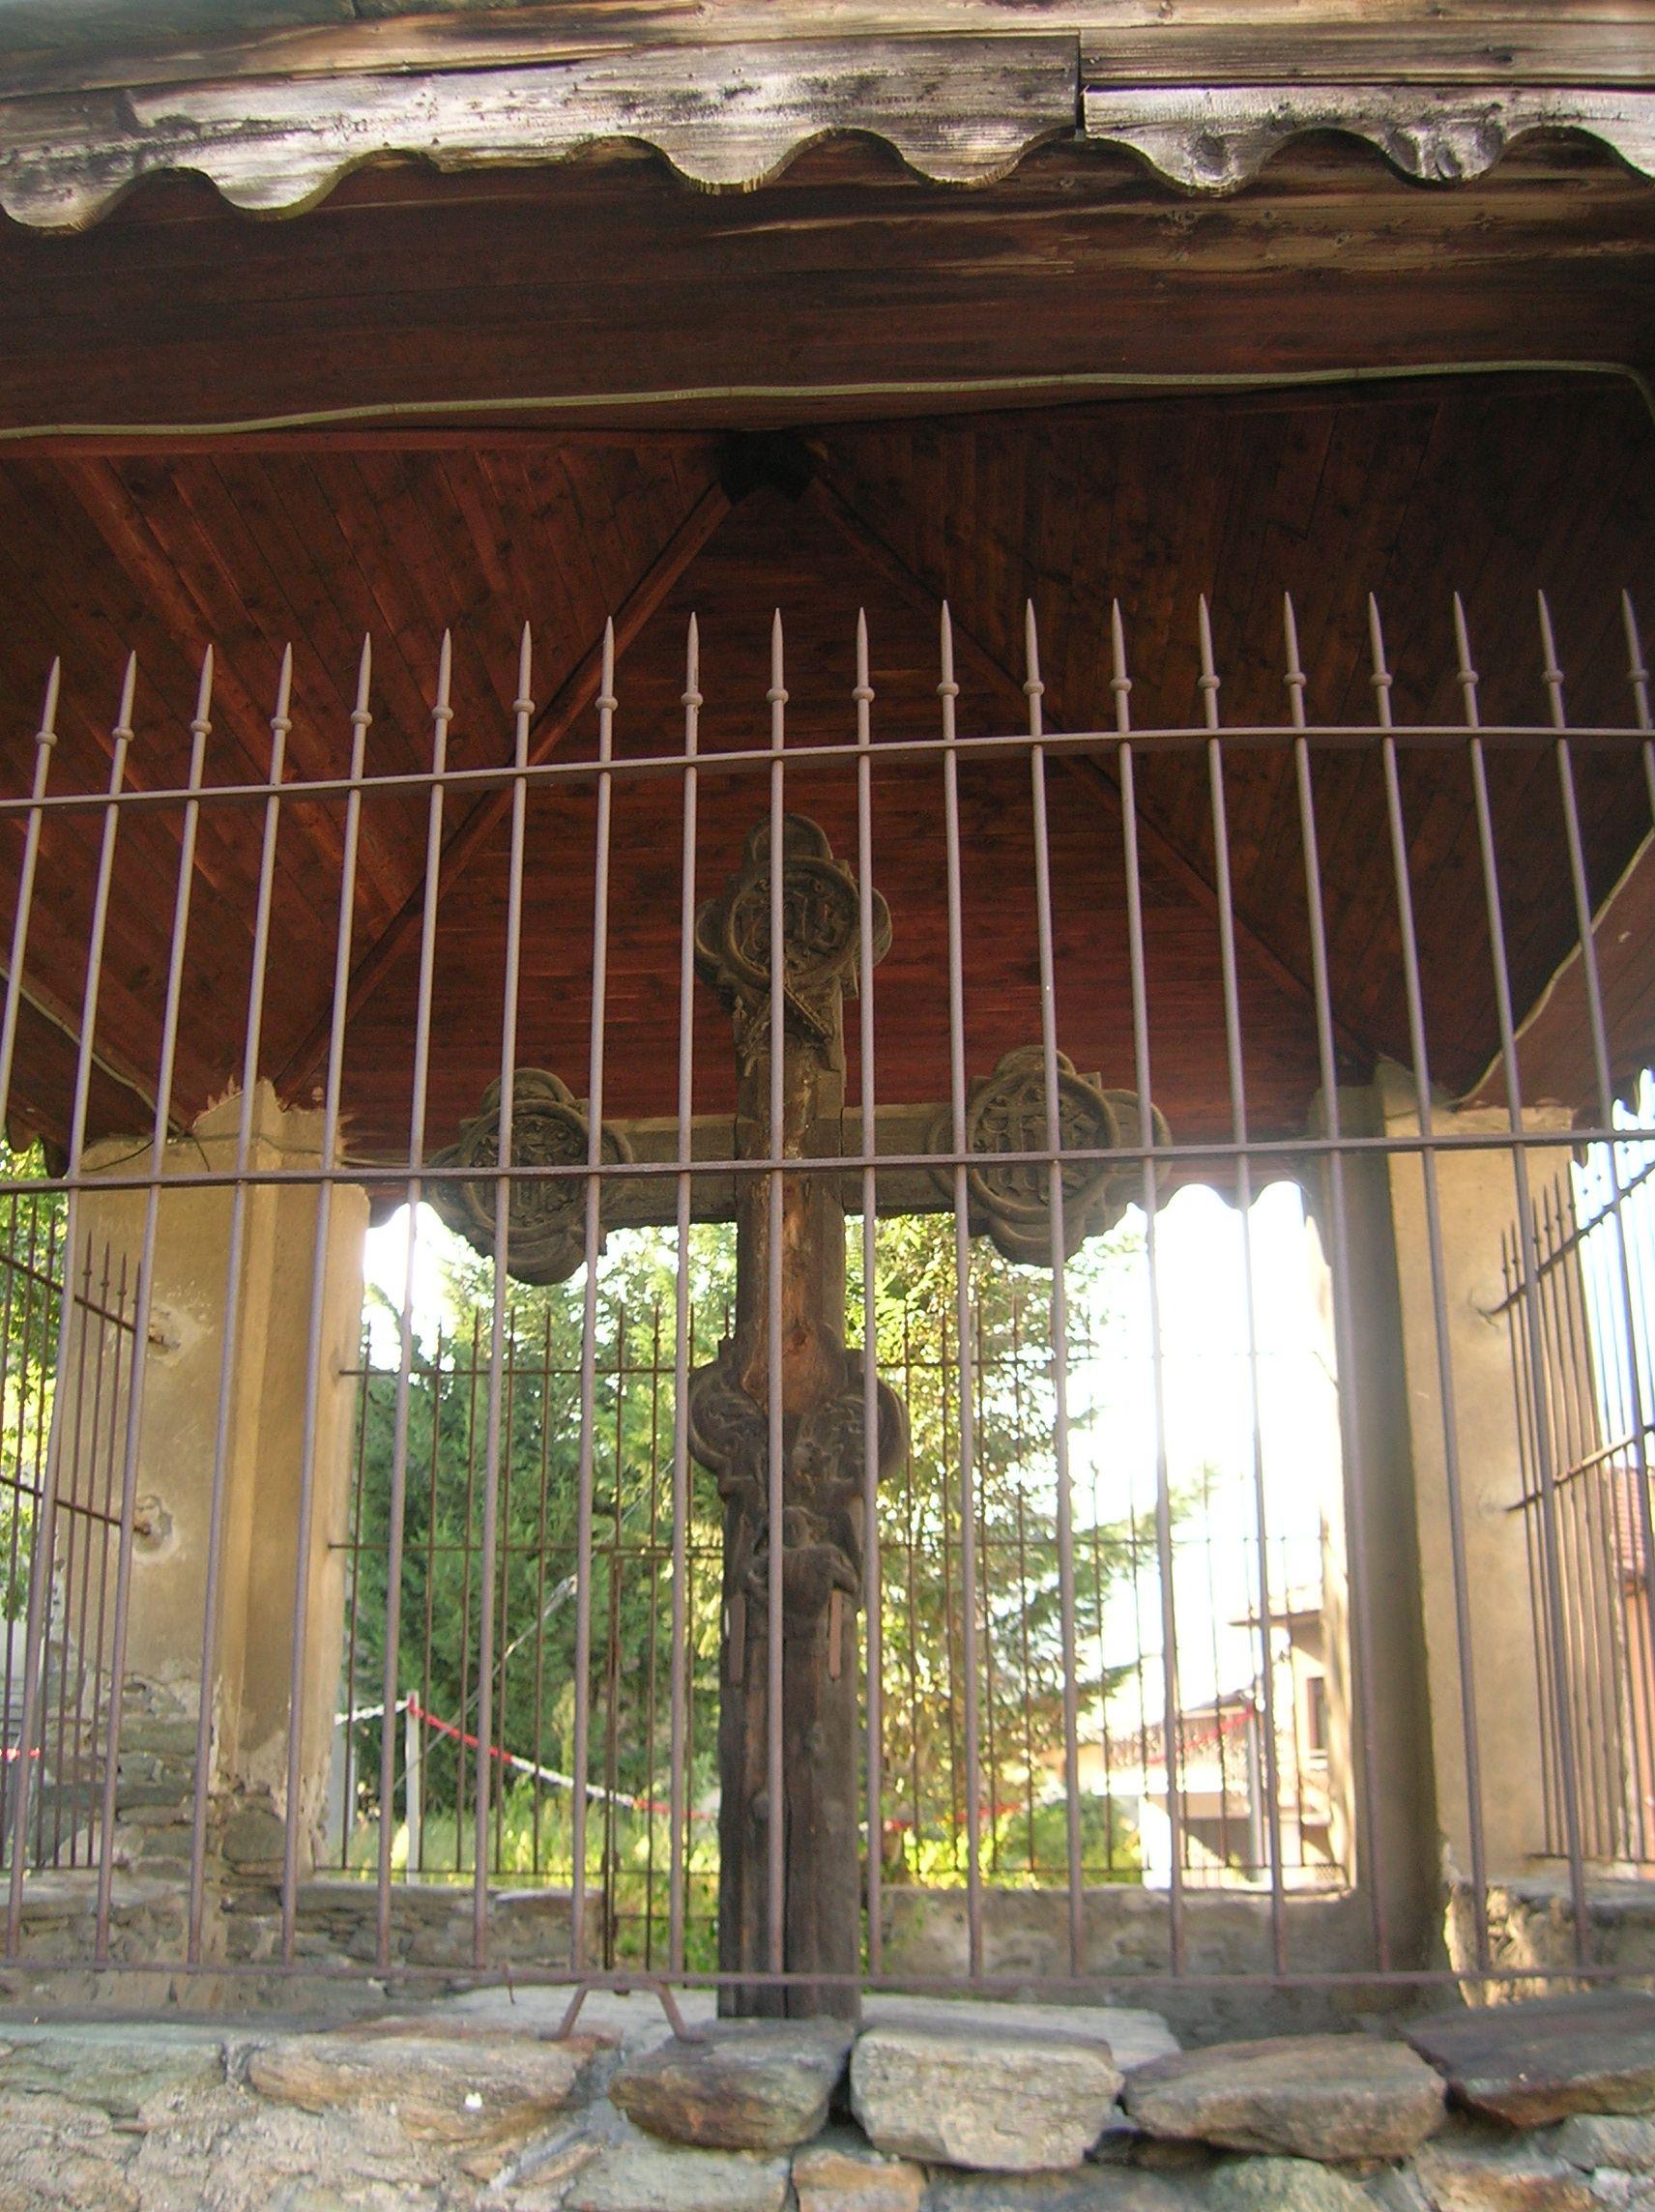 Fenis (Valle d'Aosta)  - Croce di Ramolivaz posta all'inizio dell'antico sentiero che conduce al castello